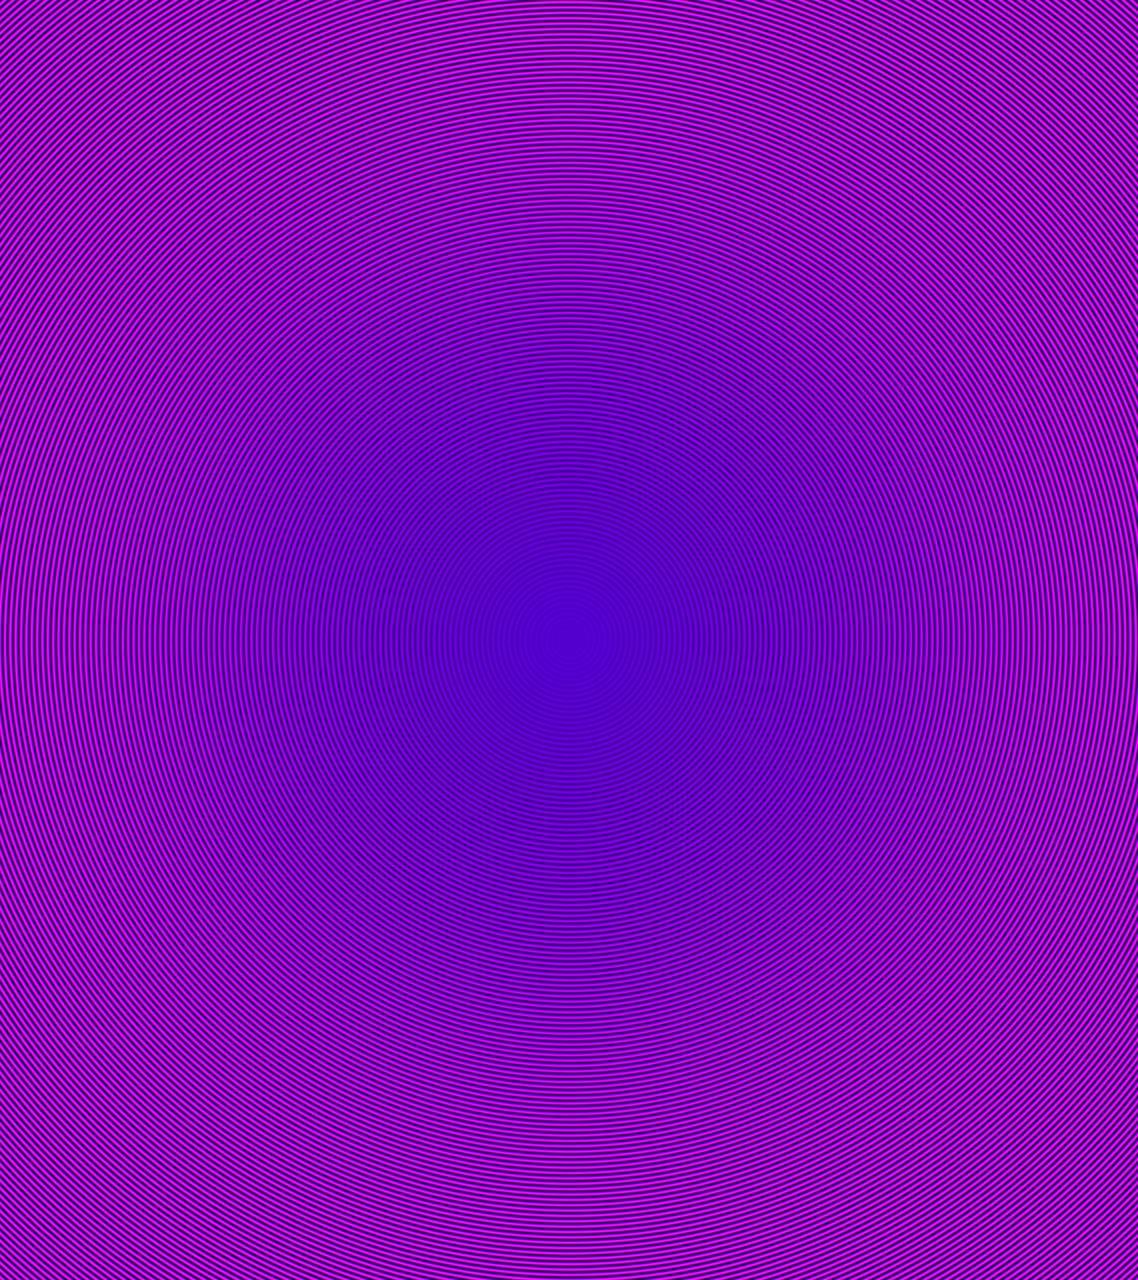 Hypnotic Art HD